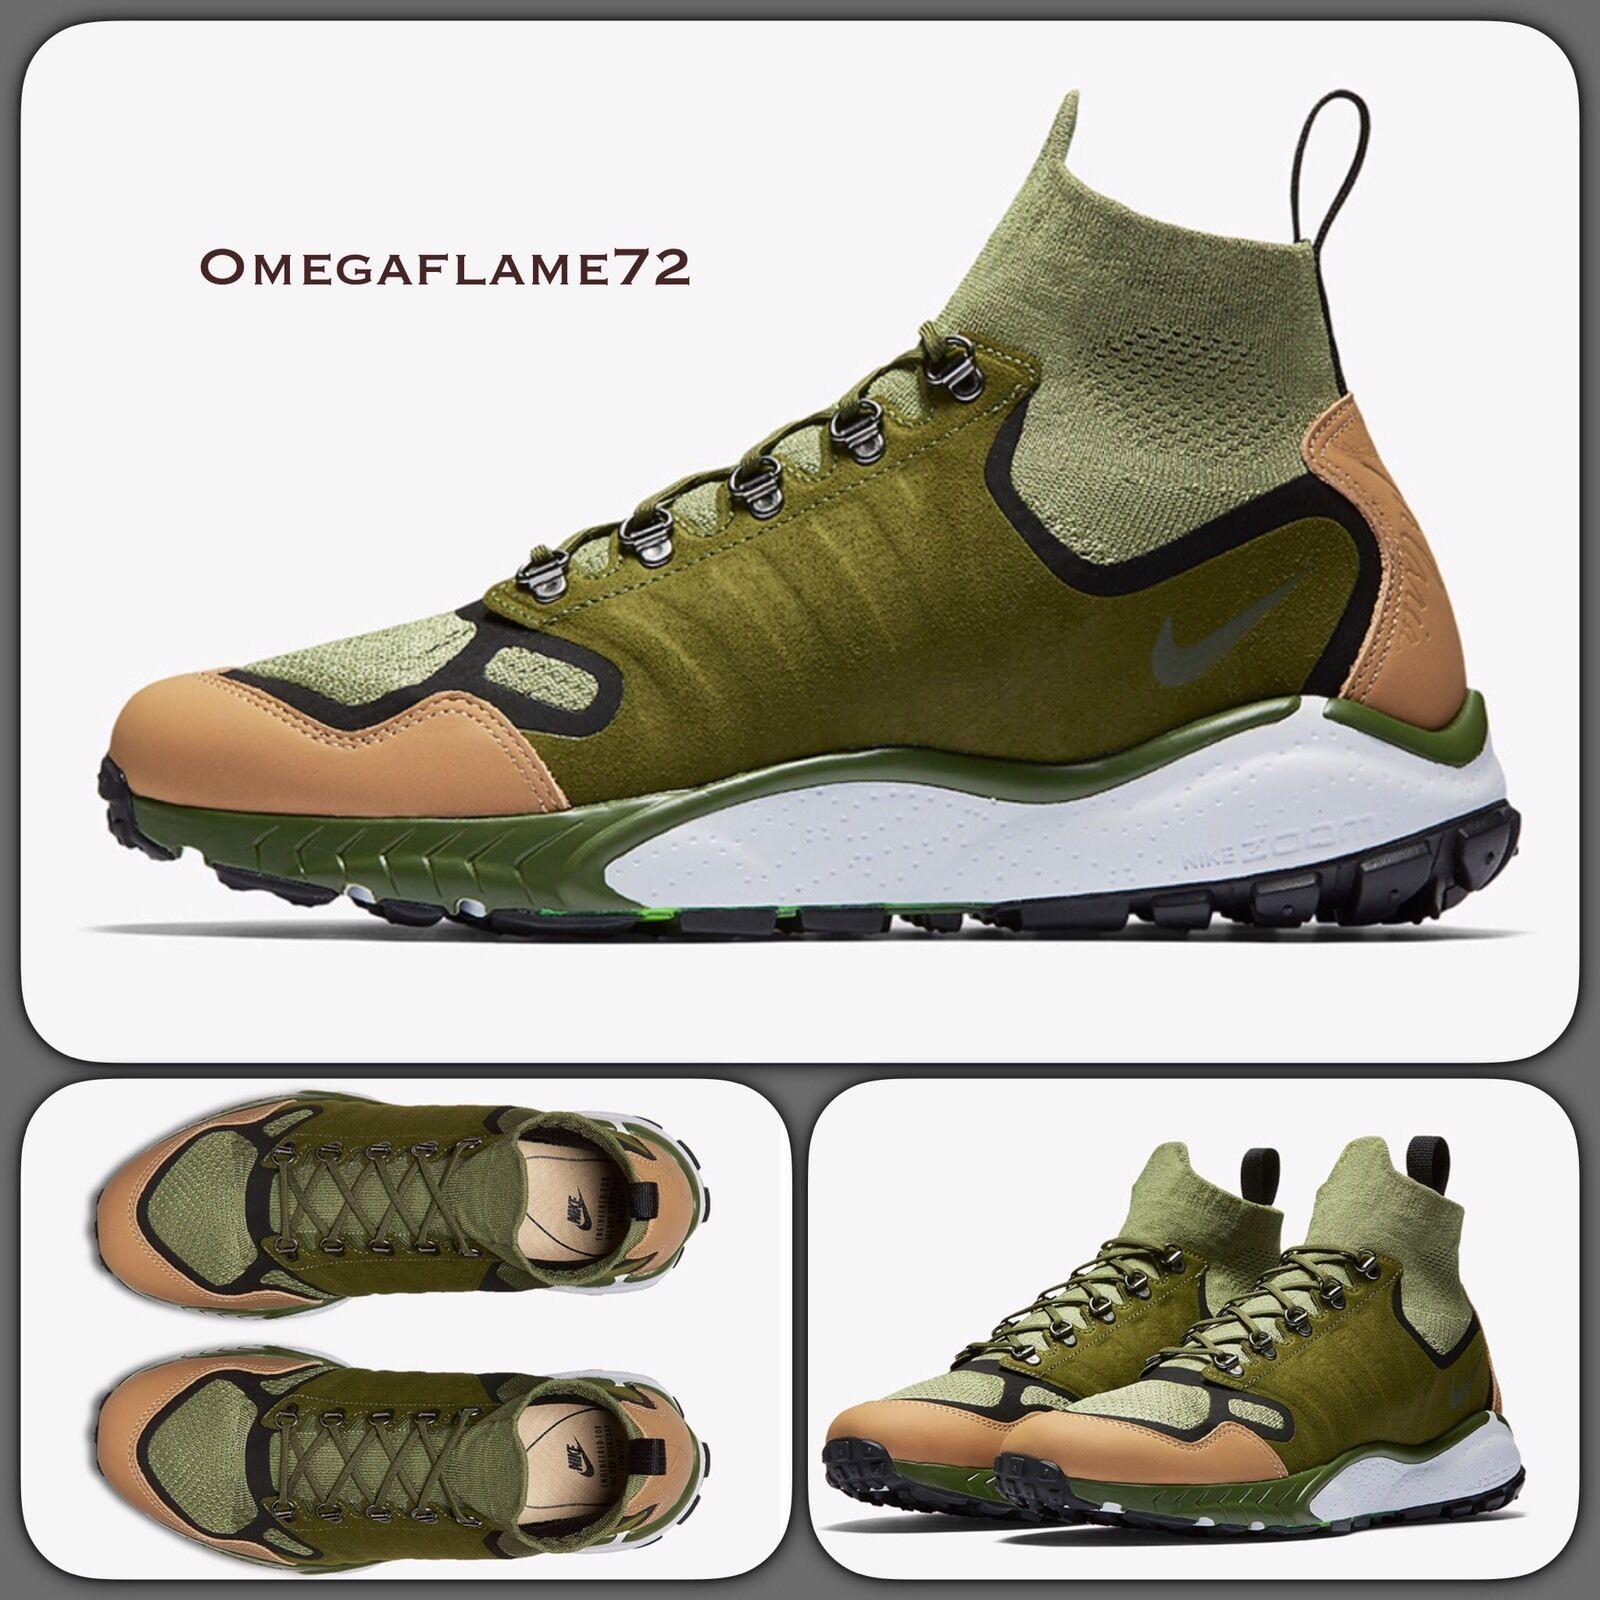 Nike Zoom Talaria Mid Flyknit Premium Air 41 8757842018 Reino Unido 7, 41 Air de la UE, EE. UU. 8 ACG f54718